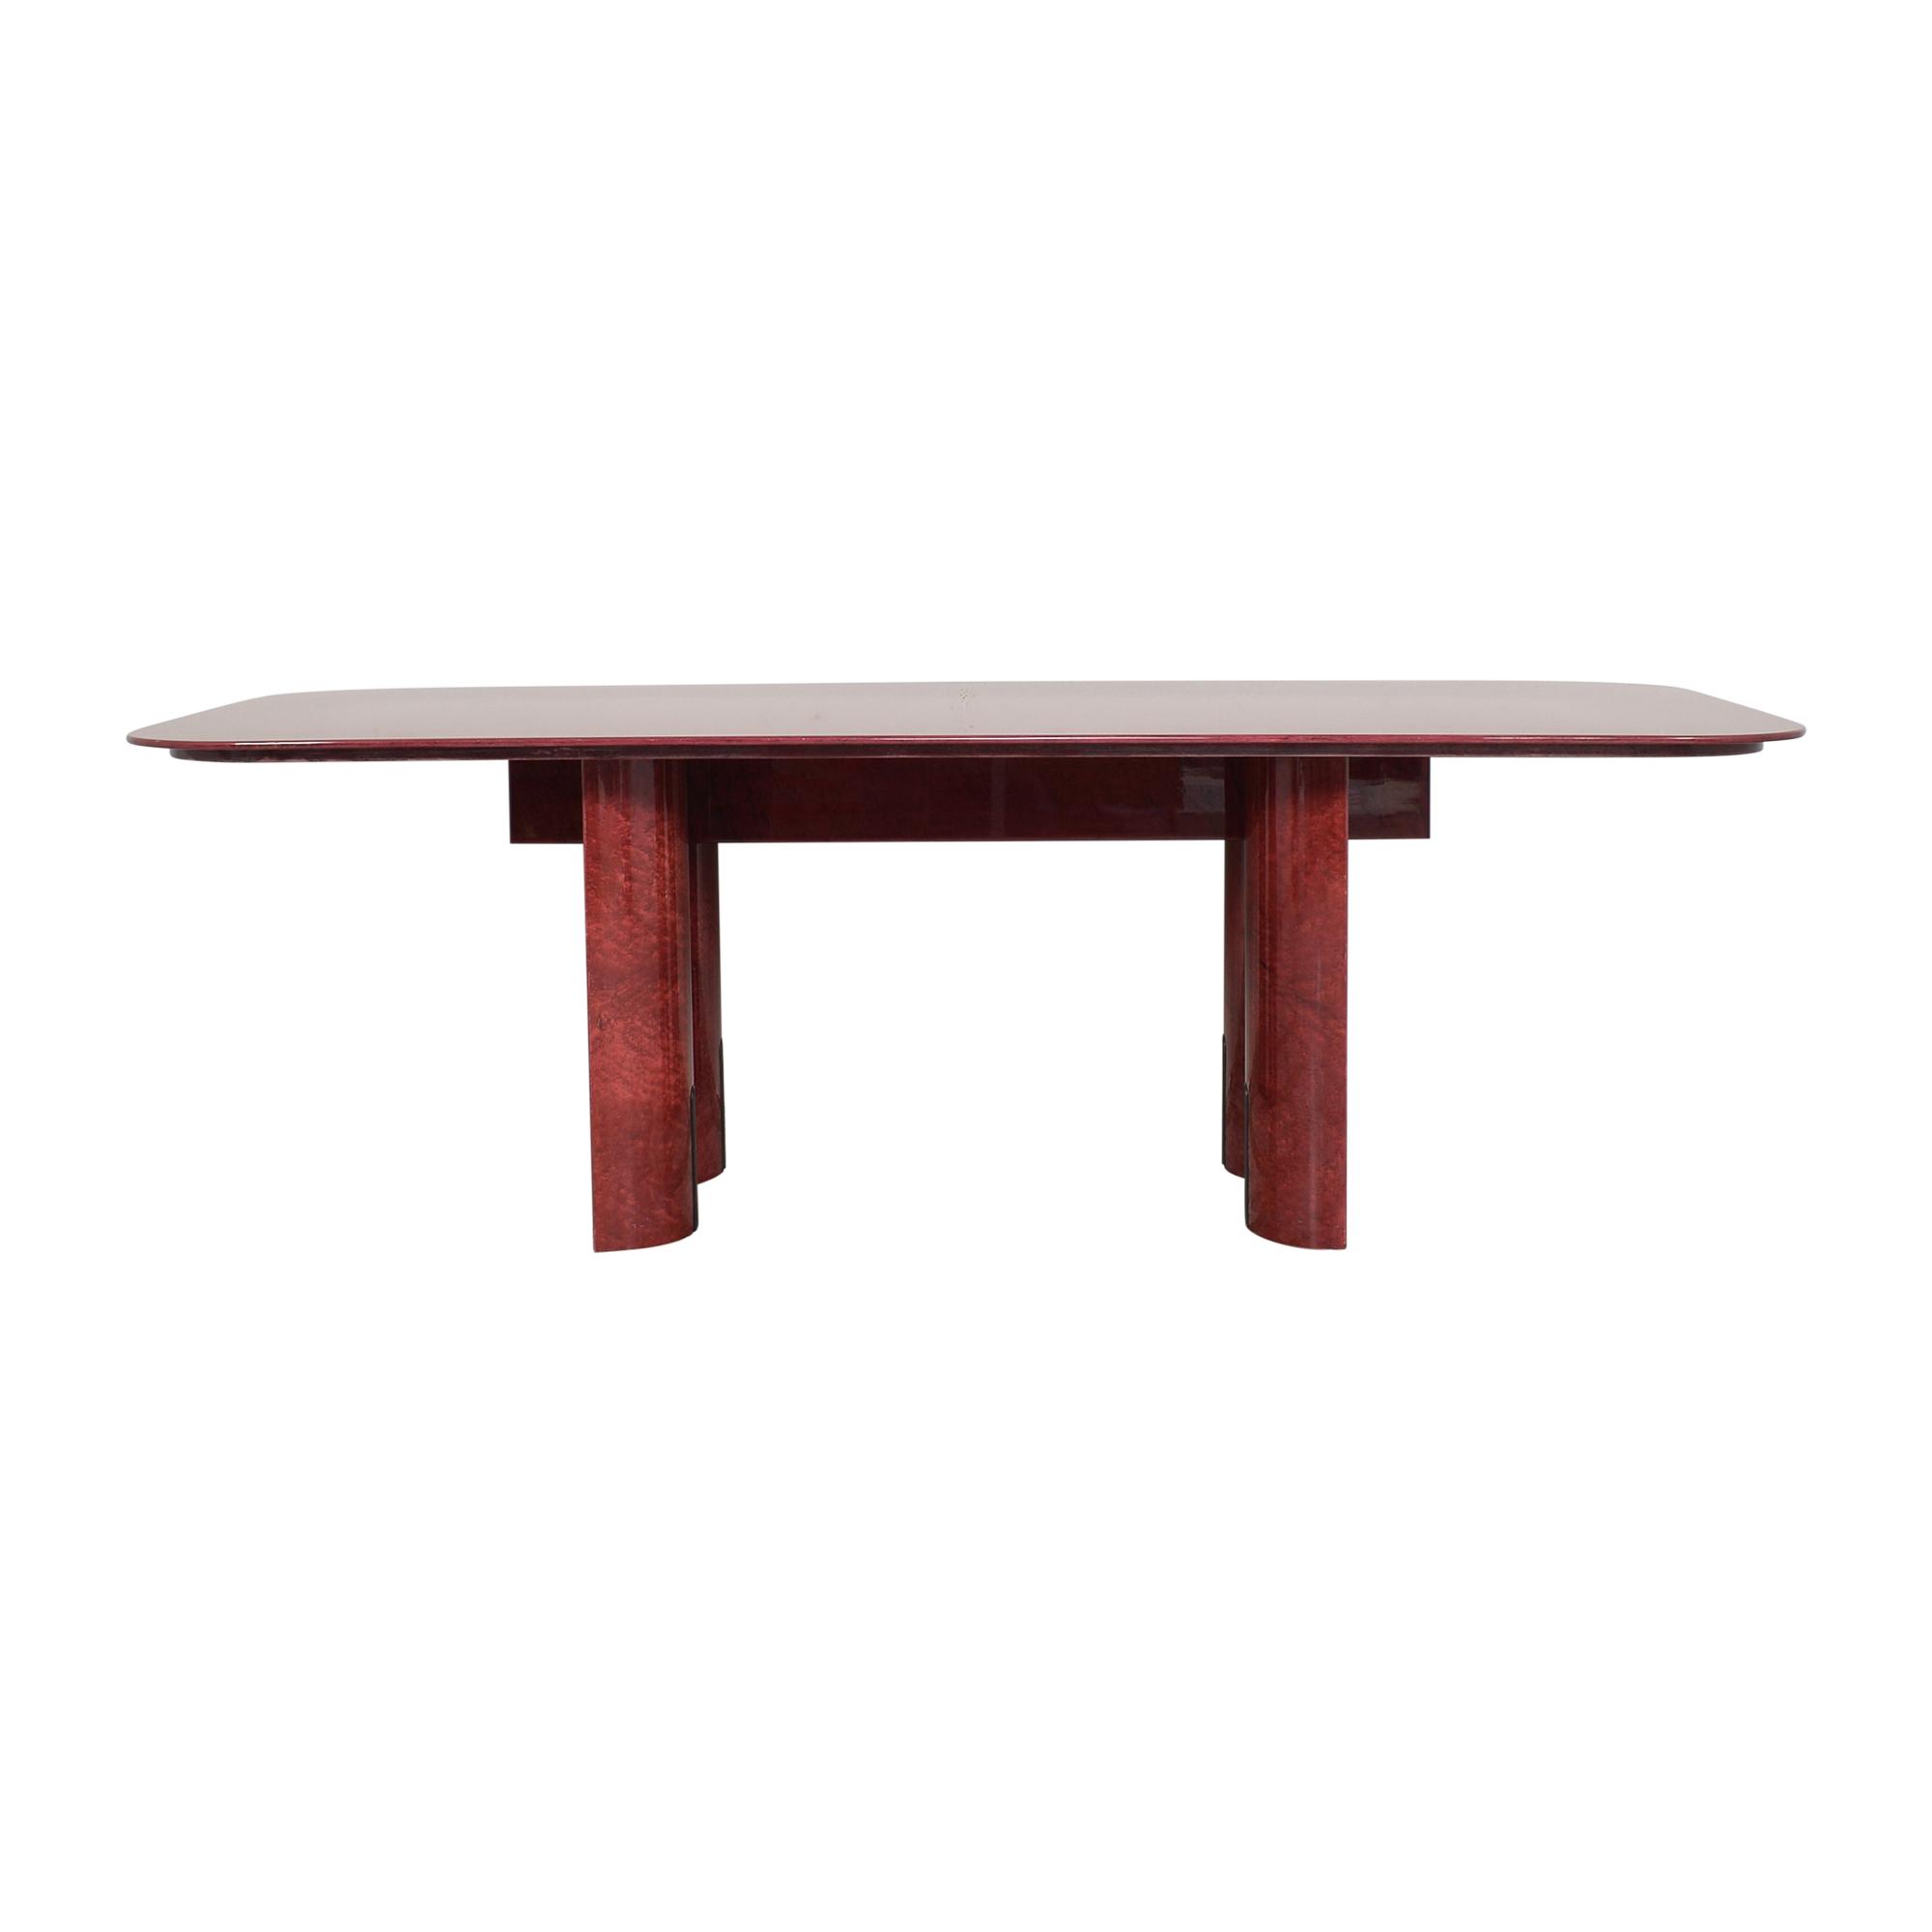 Saporiti Saporiti Dining Table discount